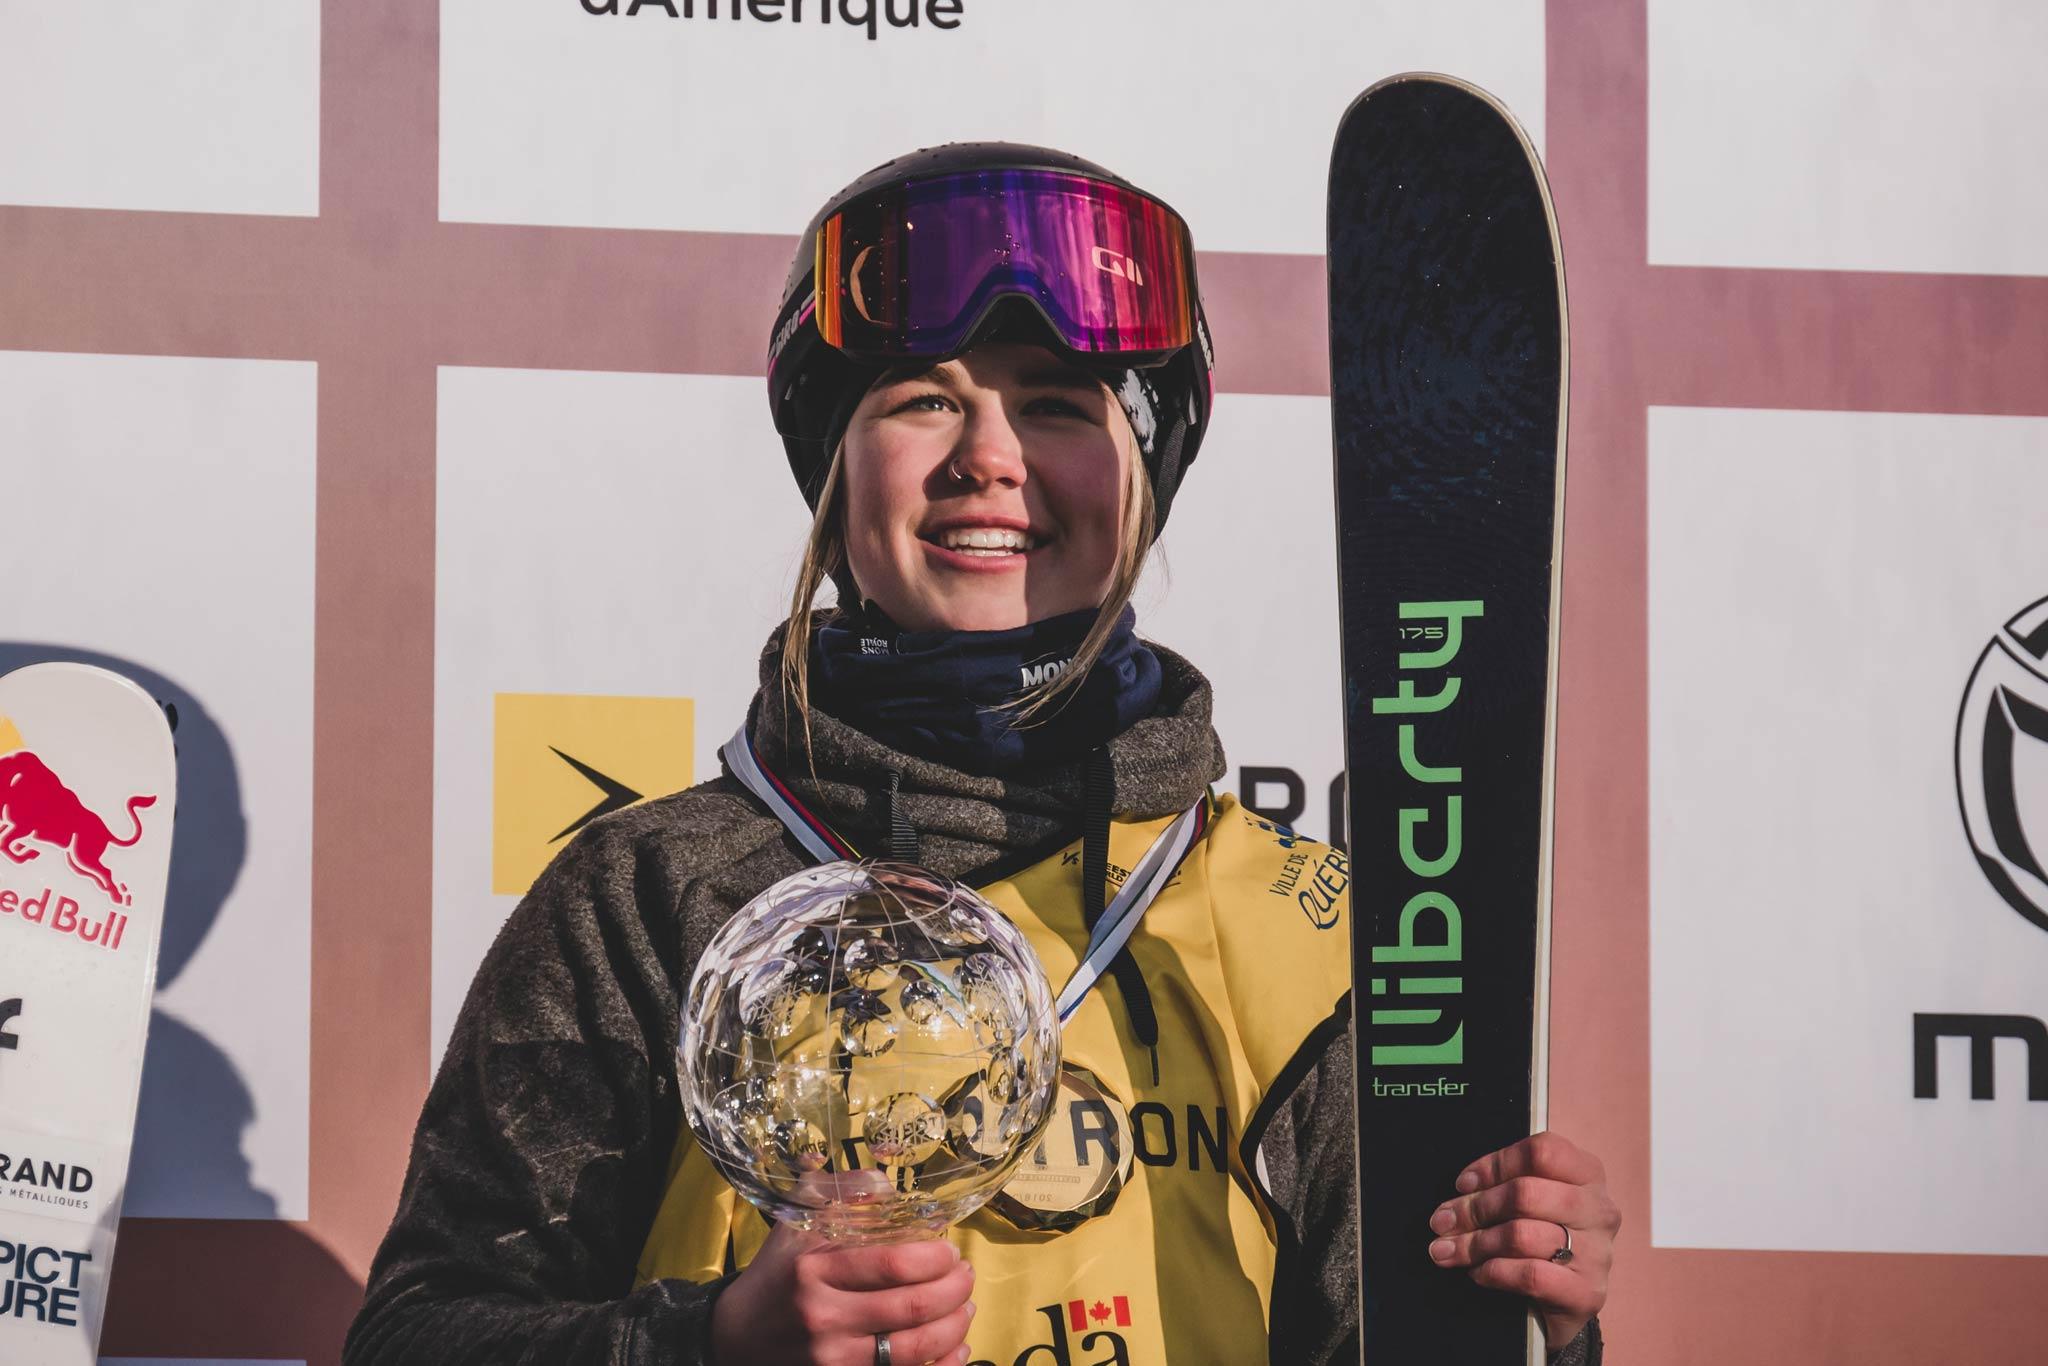 Die World Cup Gesamtsiegerin in der Disziplin Big Air bei den Frauen in der Saison 18/19: Elena Gaskell (CAN) - Foto: FIS Freestyle